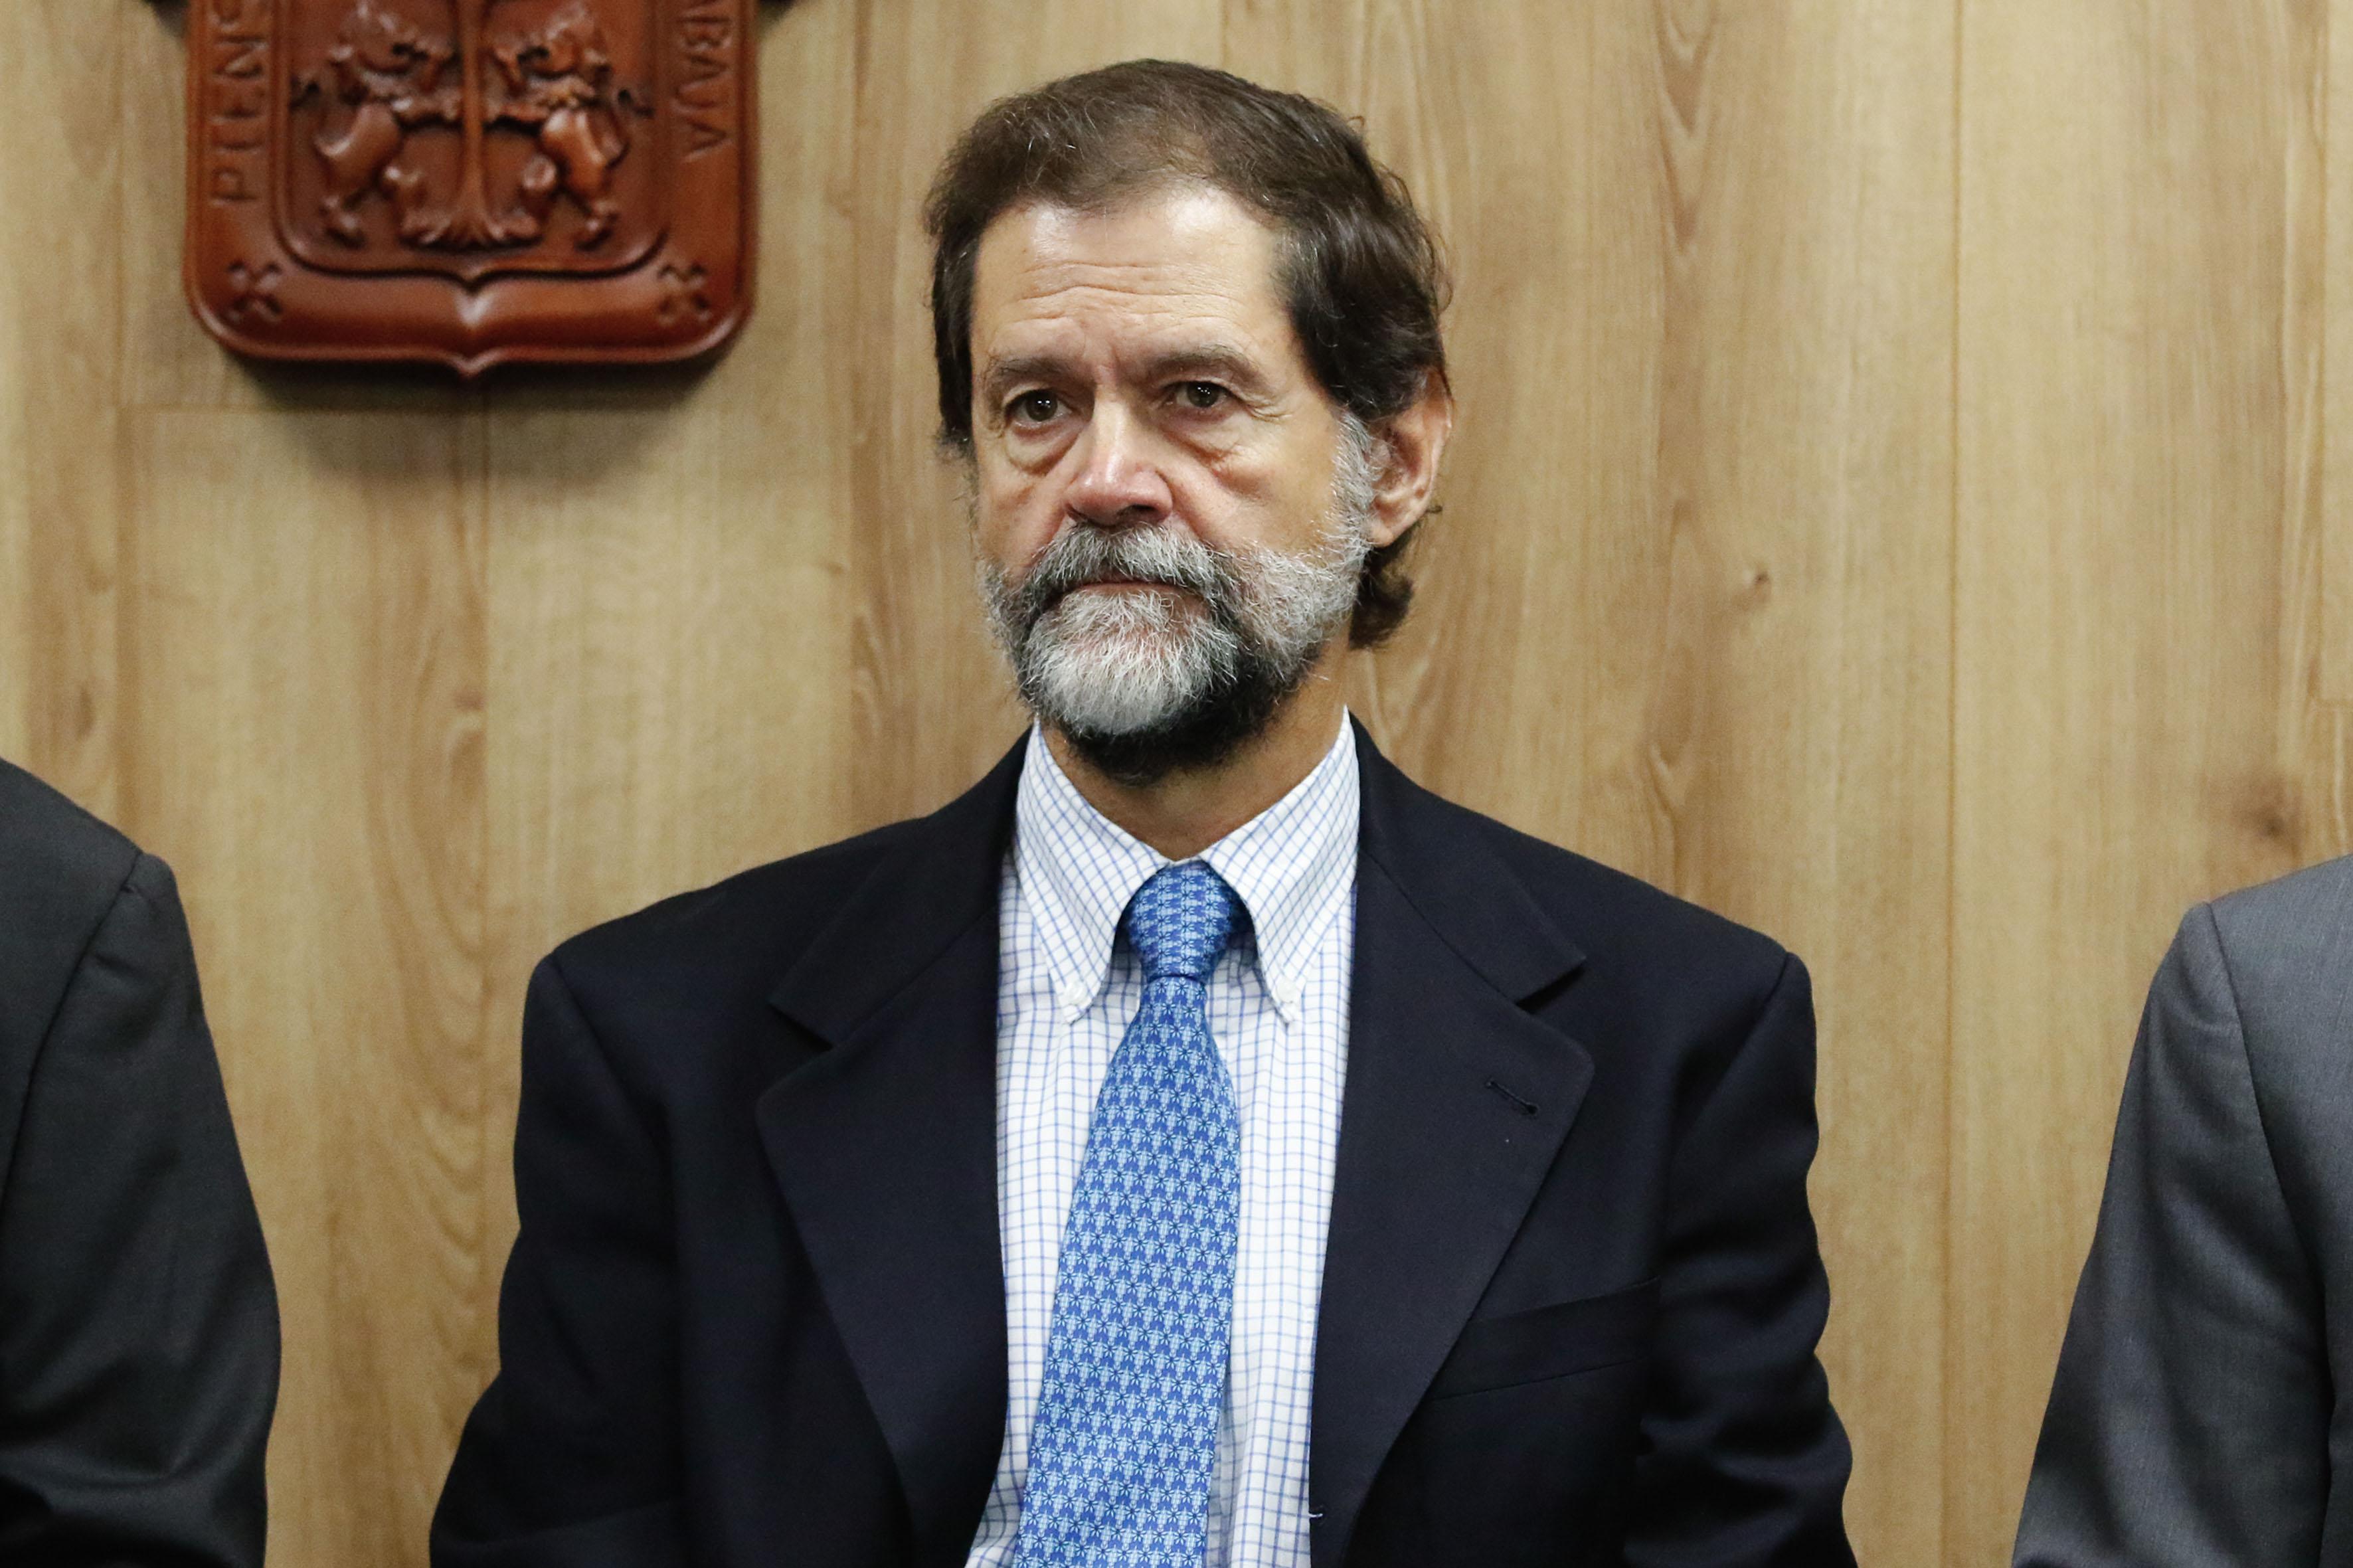 Ingeniero Eugenio Godard Zapata, Director General de IBM Campus Tecnológico Guadalajara.